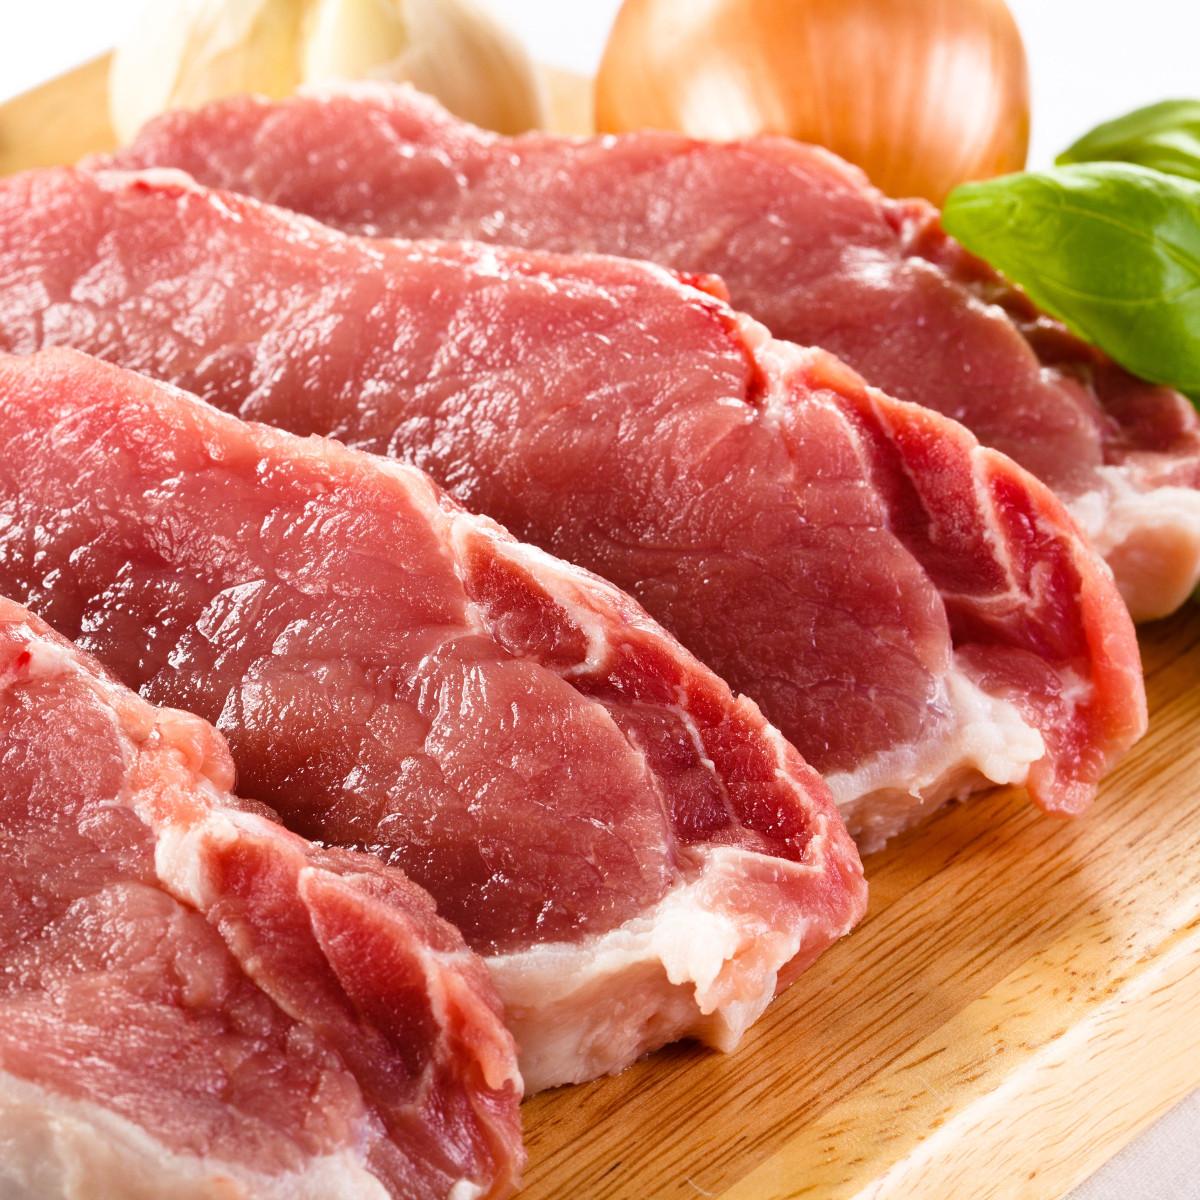 5-alimentos-mais-nutritivos-para-bebes-carne